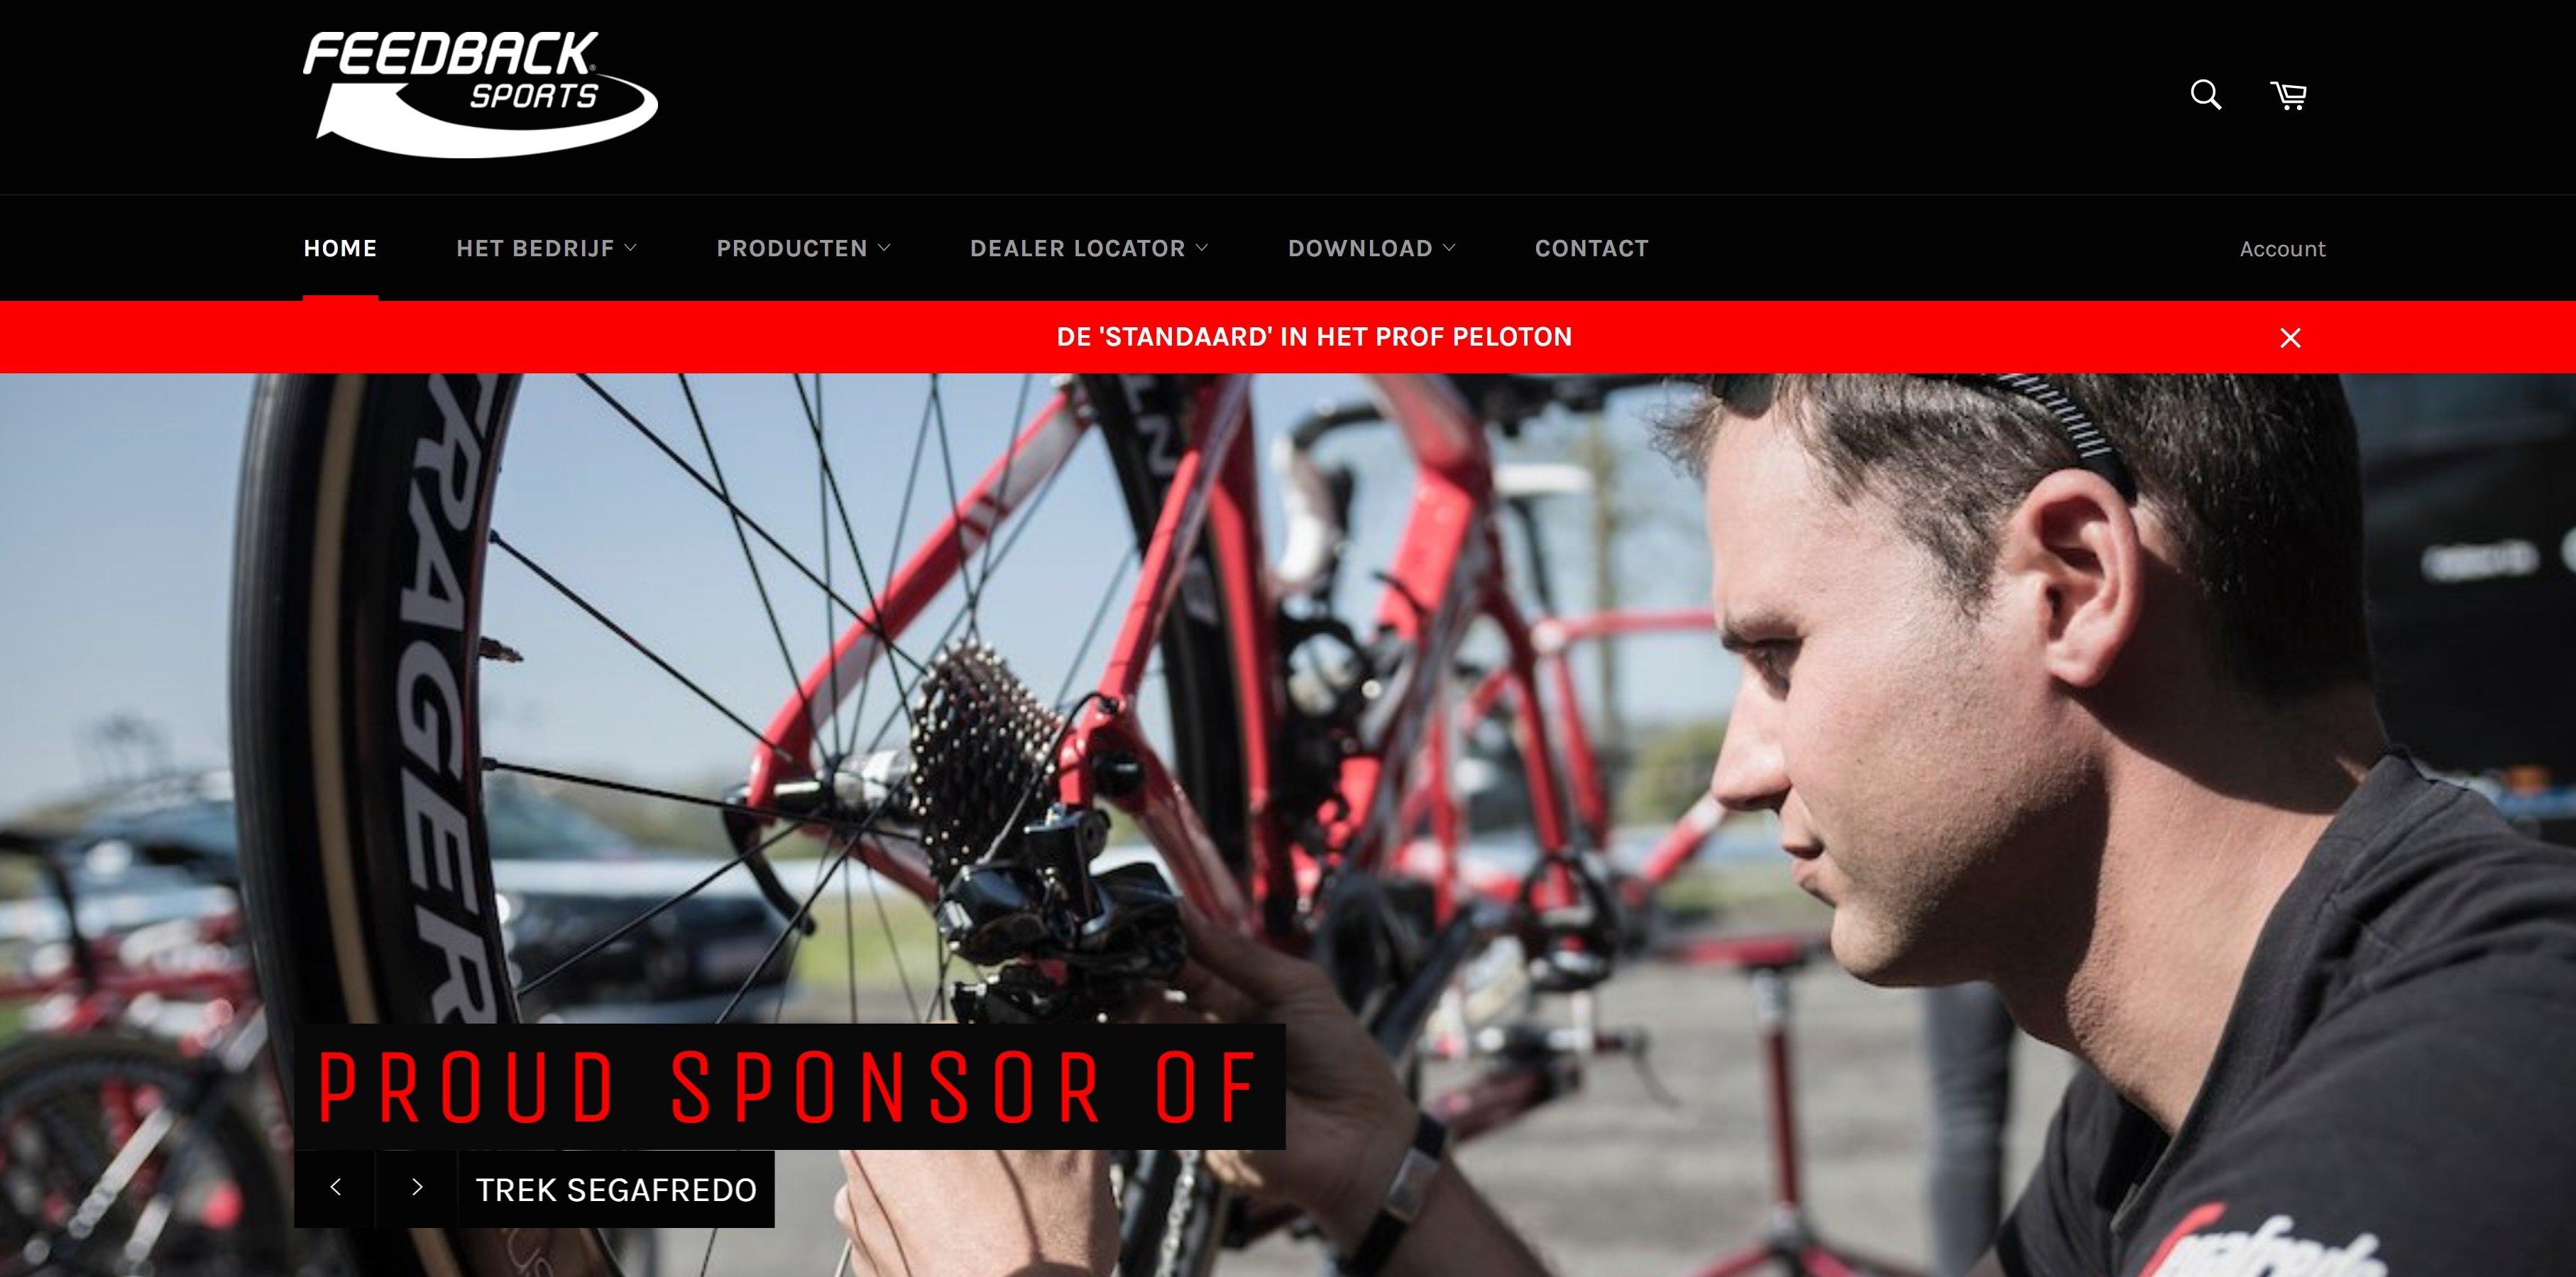 Maintenance Feedback Sports website